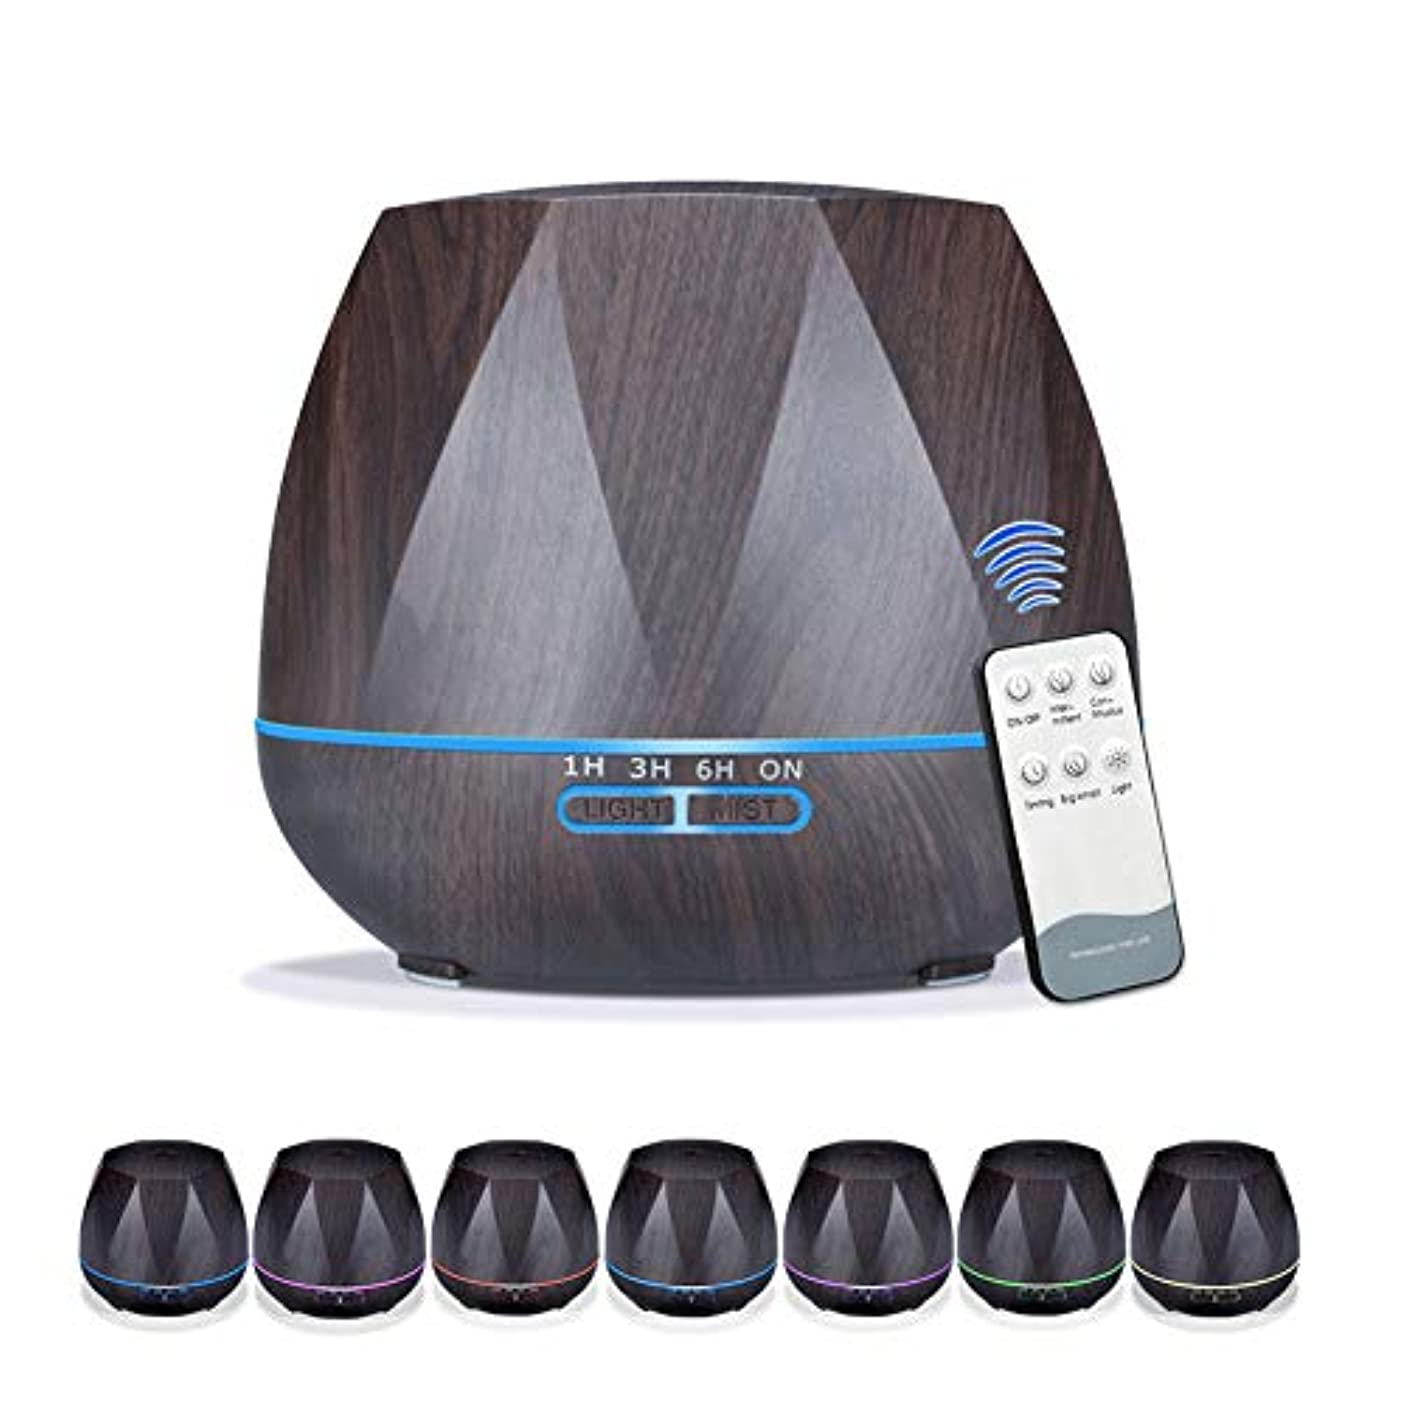 熱帯のチャーム敵対的加湿器アロマエッセンシャルオイルディフューザー用オフィスホーム寝室リビングルーム研究ヨガスパリモートコントロール